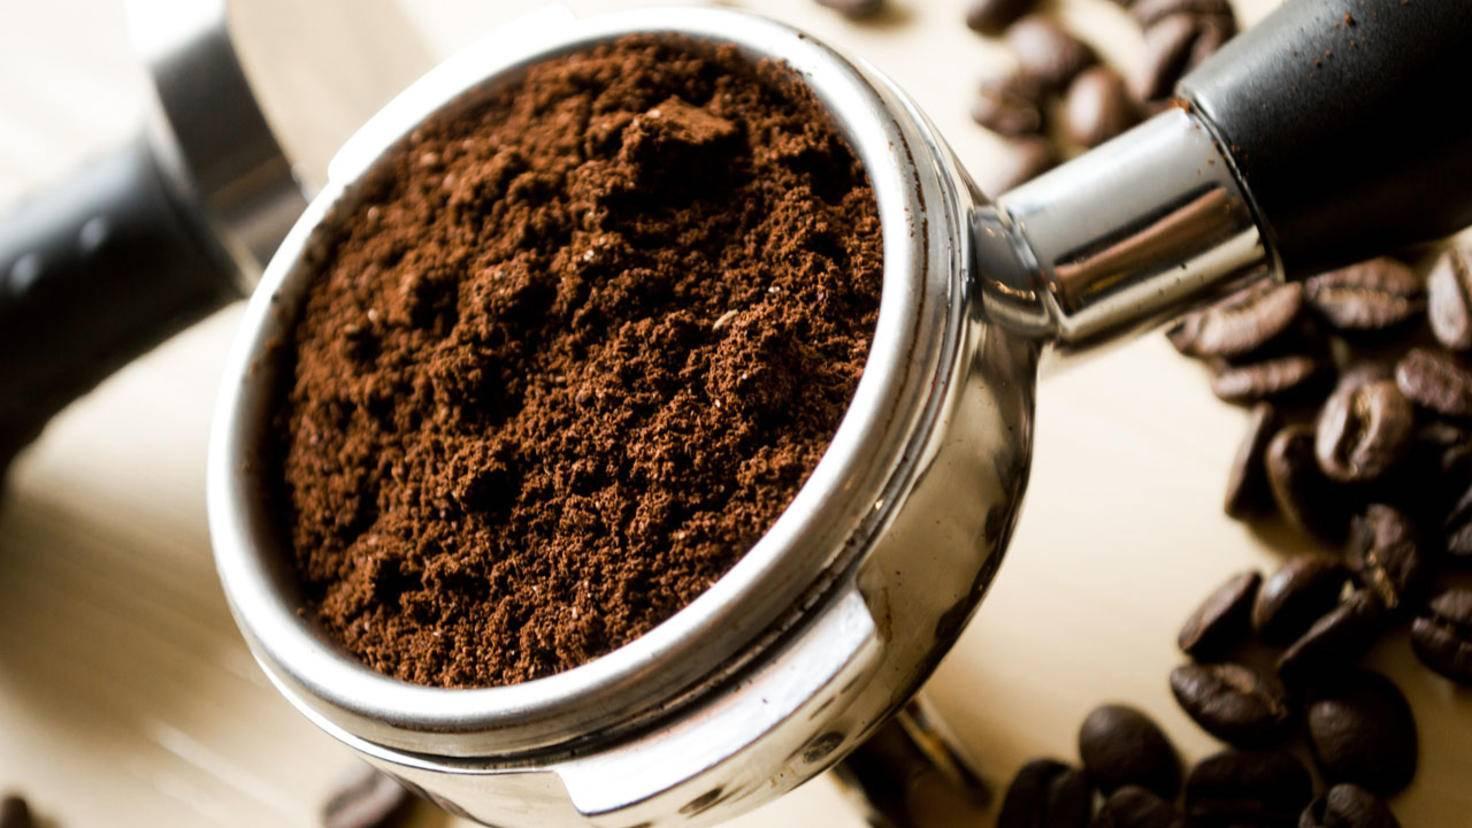 Für Espressomaschinen kann der Kaffee kaum fein genug gemahlen sein. Bei Filterkaffee sieht das anders aus.